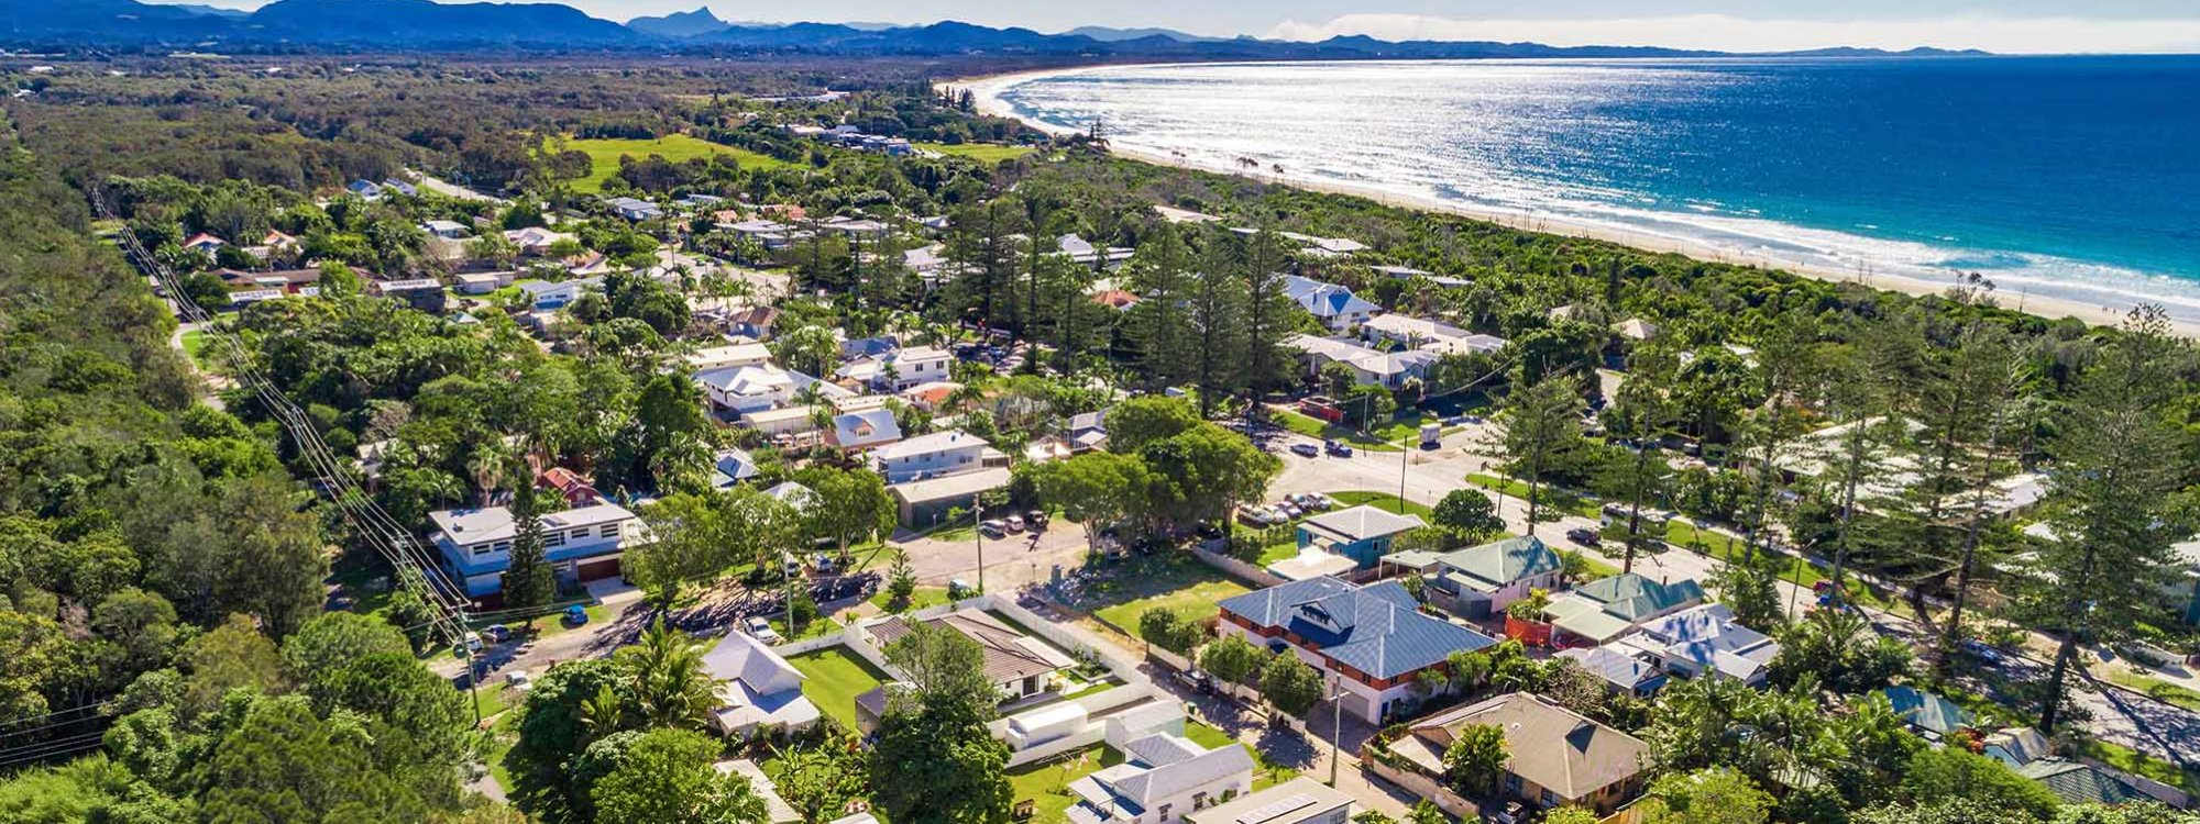 Clique 3 - Byron Bay - Aerial Towards North